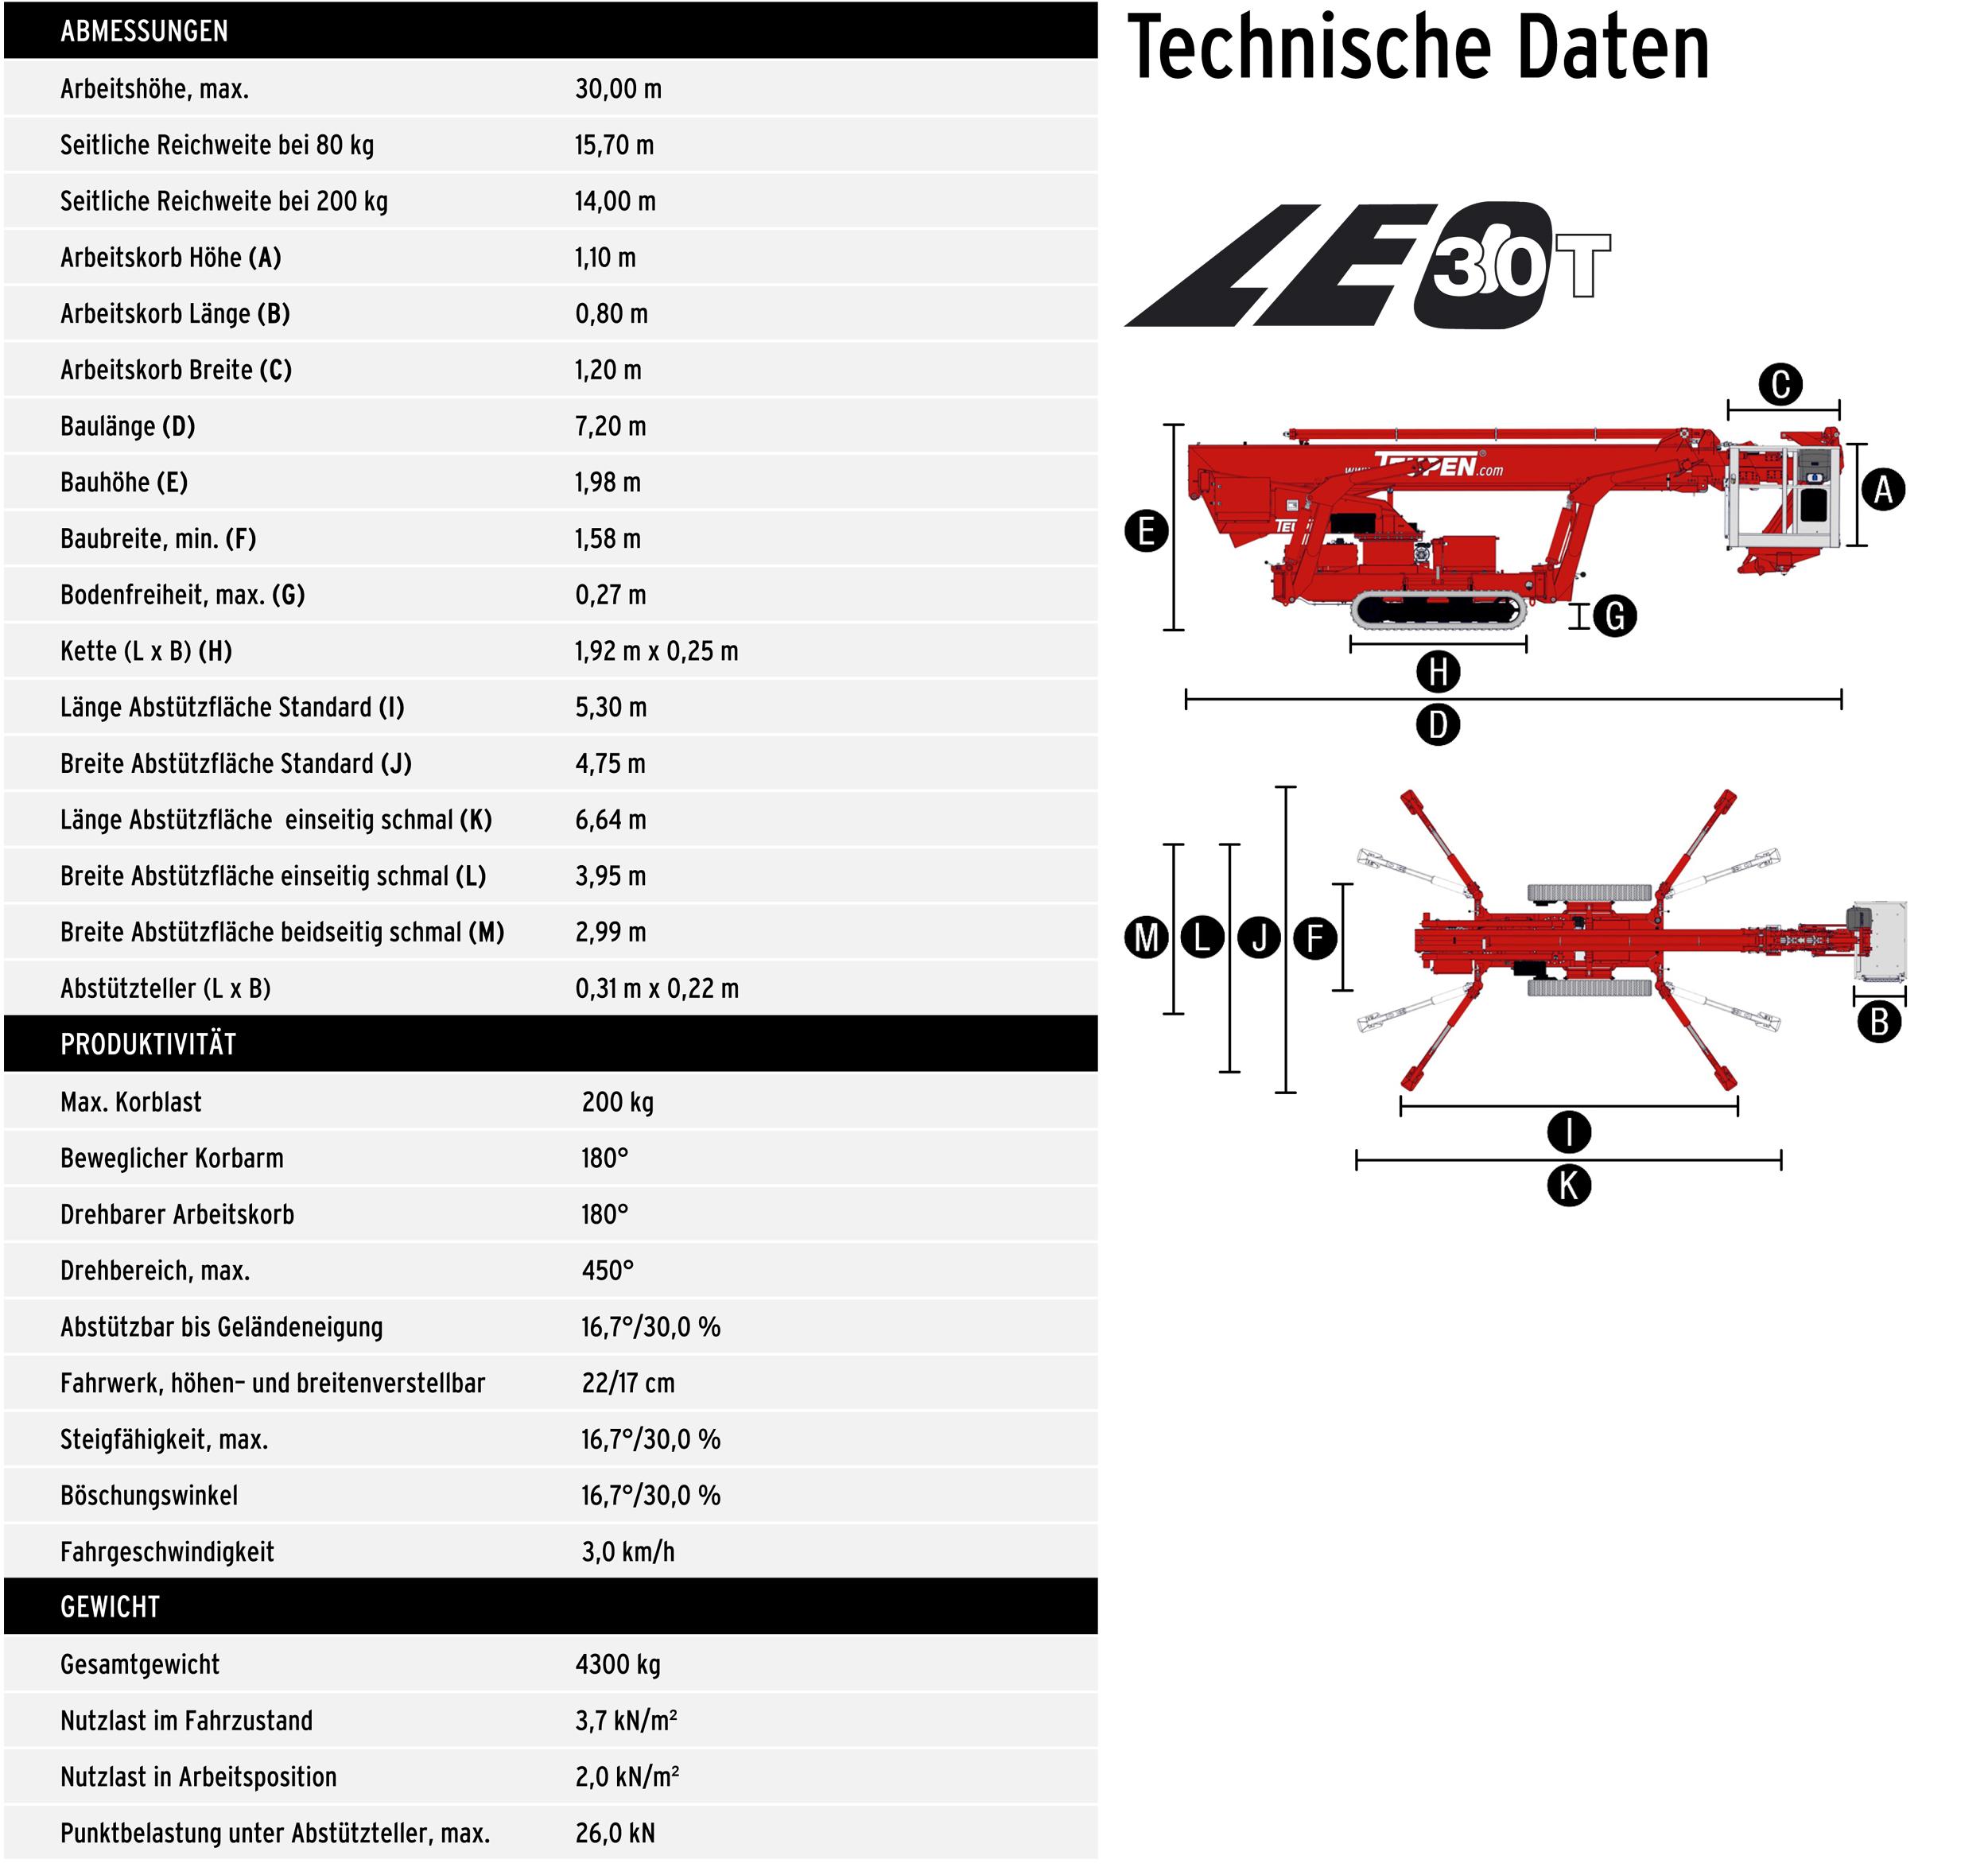 Datenblatt_LEO30T